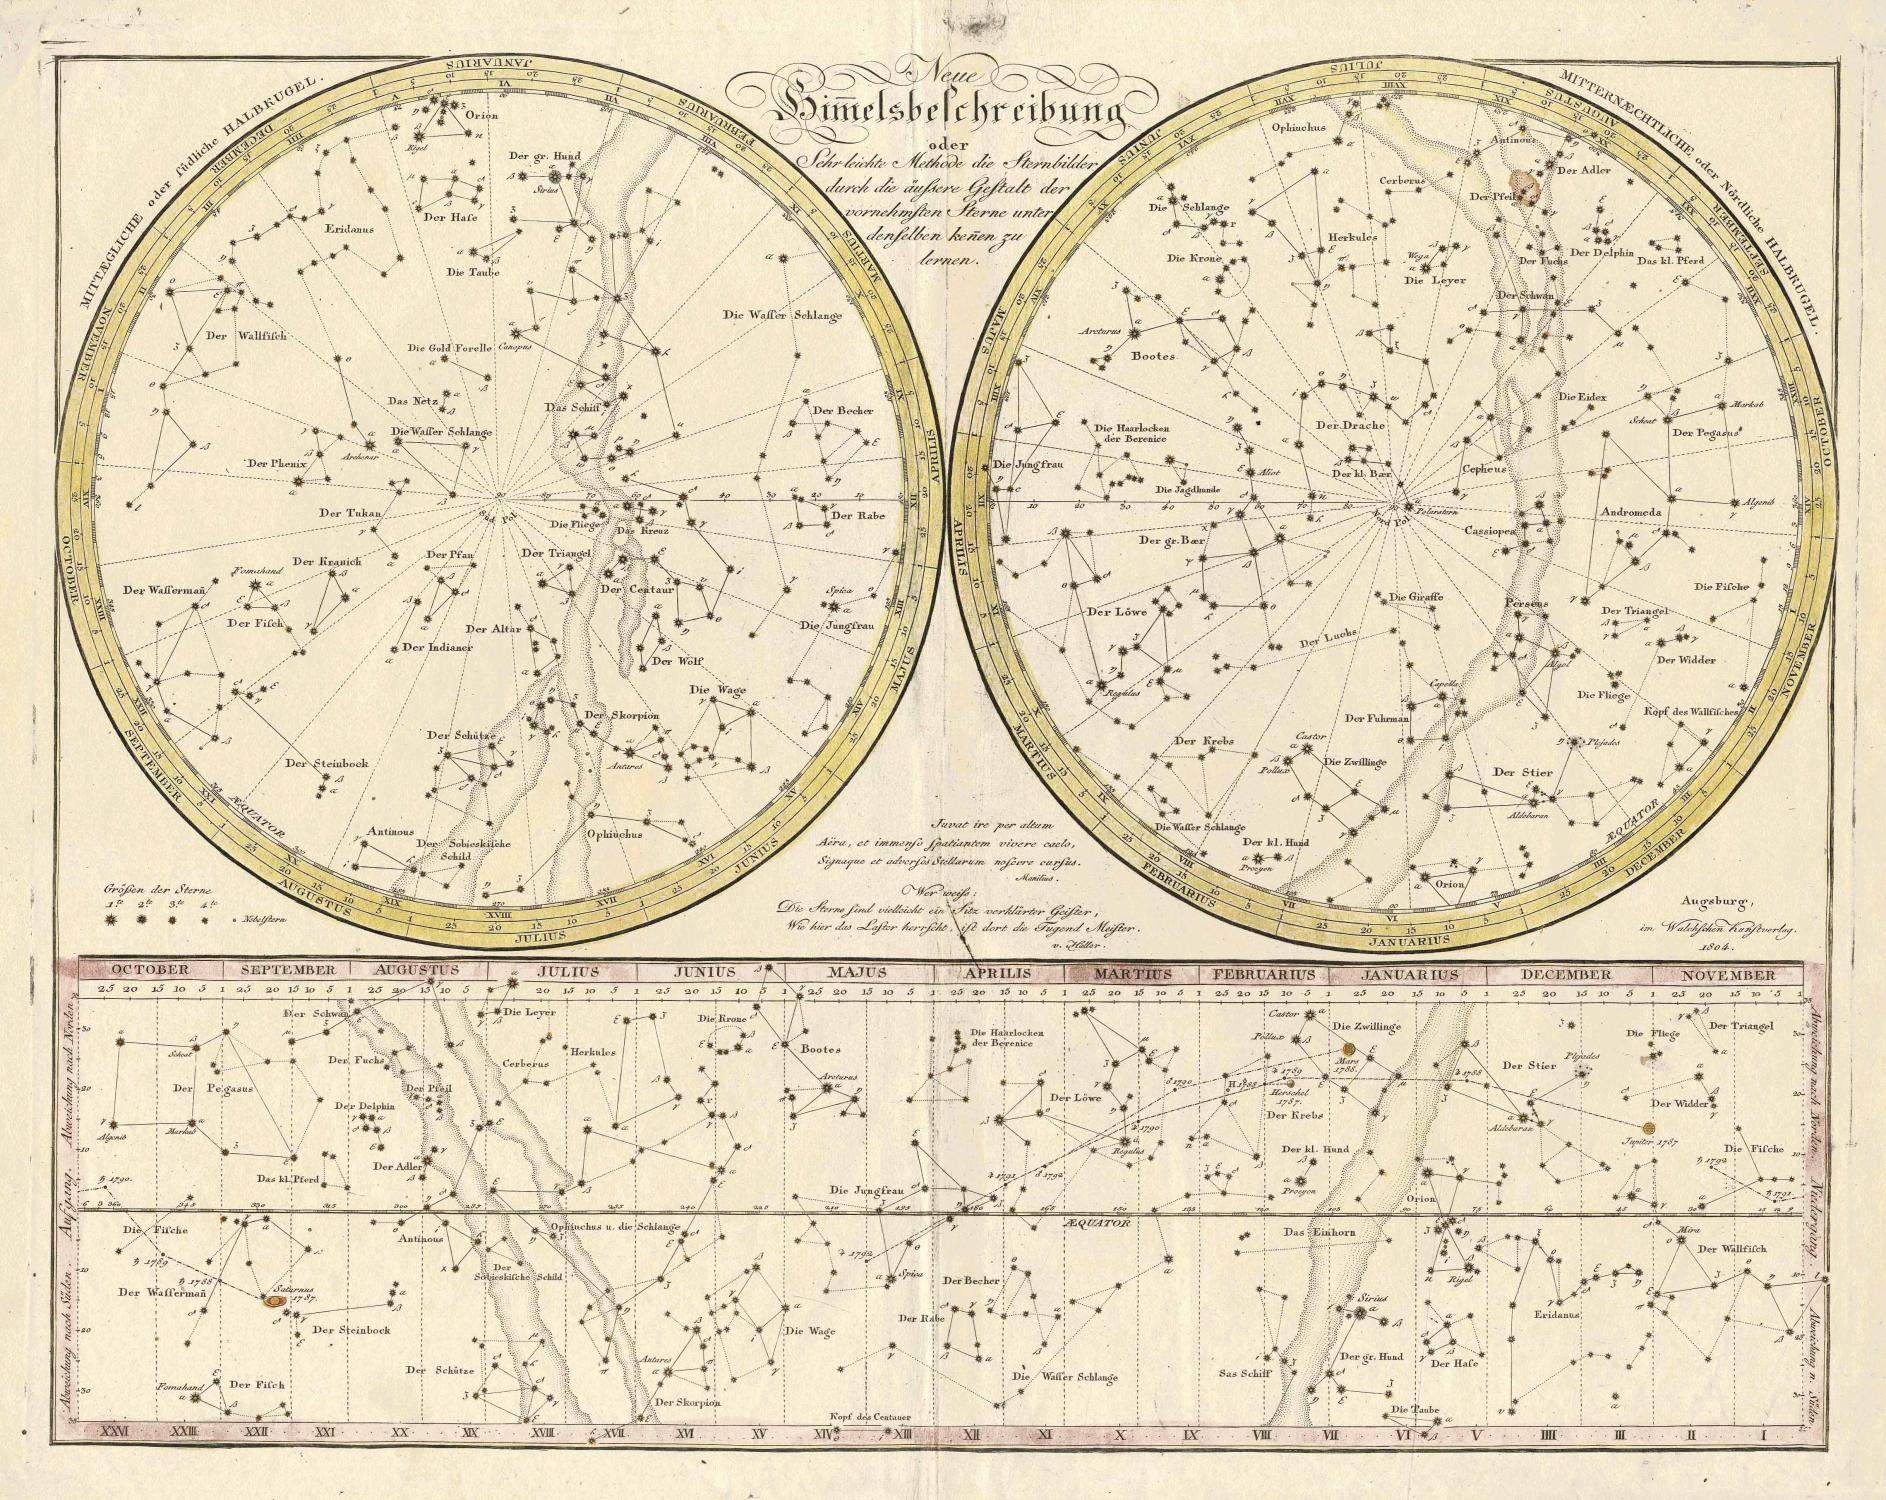 Neue Himelsbeschreibung oder Sehr leichte Methode die Sternbilder durch die äussere Gestalt der vornehmsten Sterne unter denselben kenen zu lernen